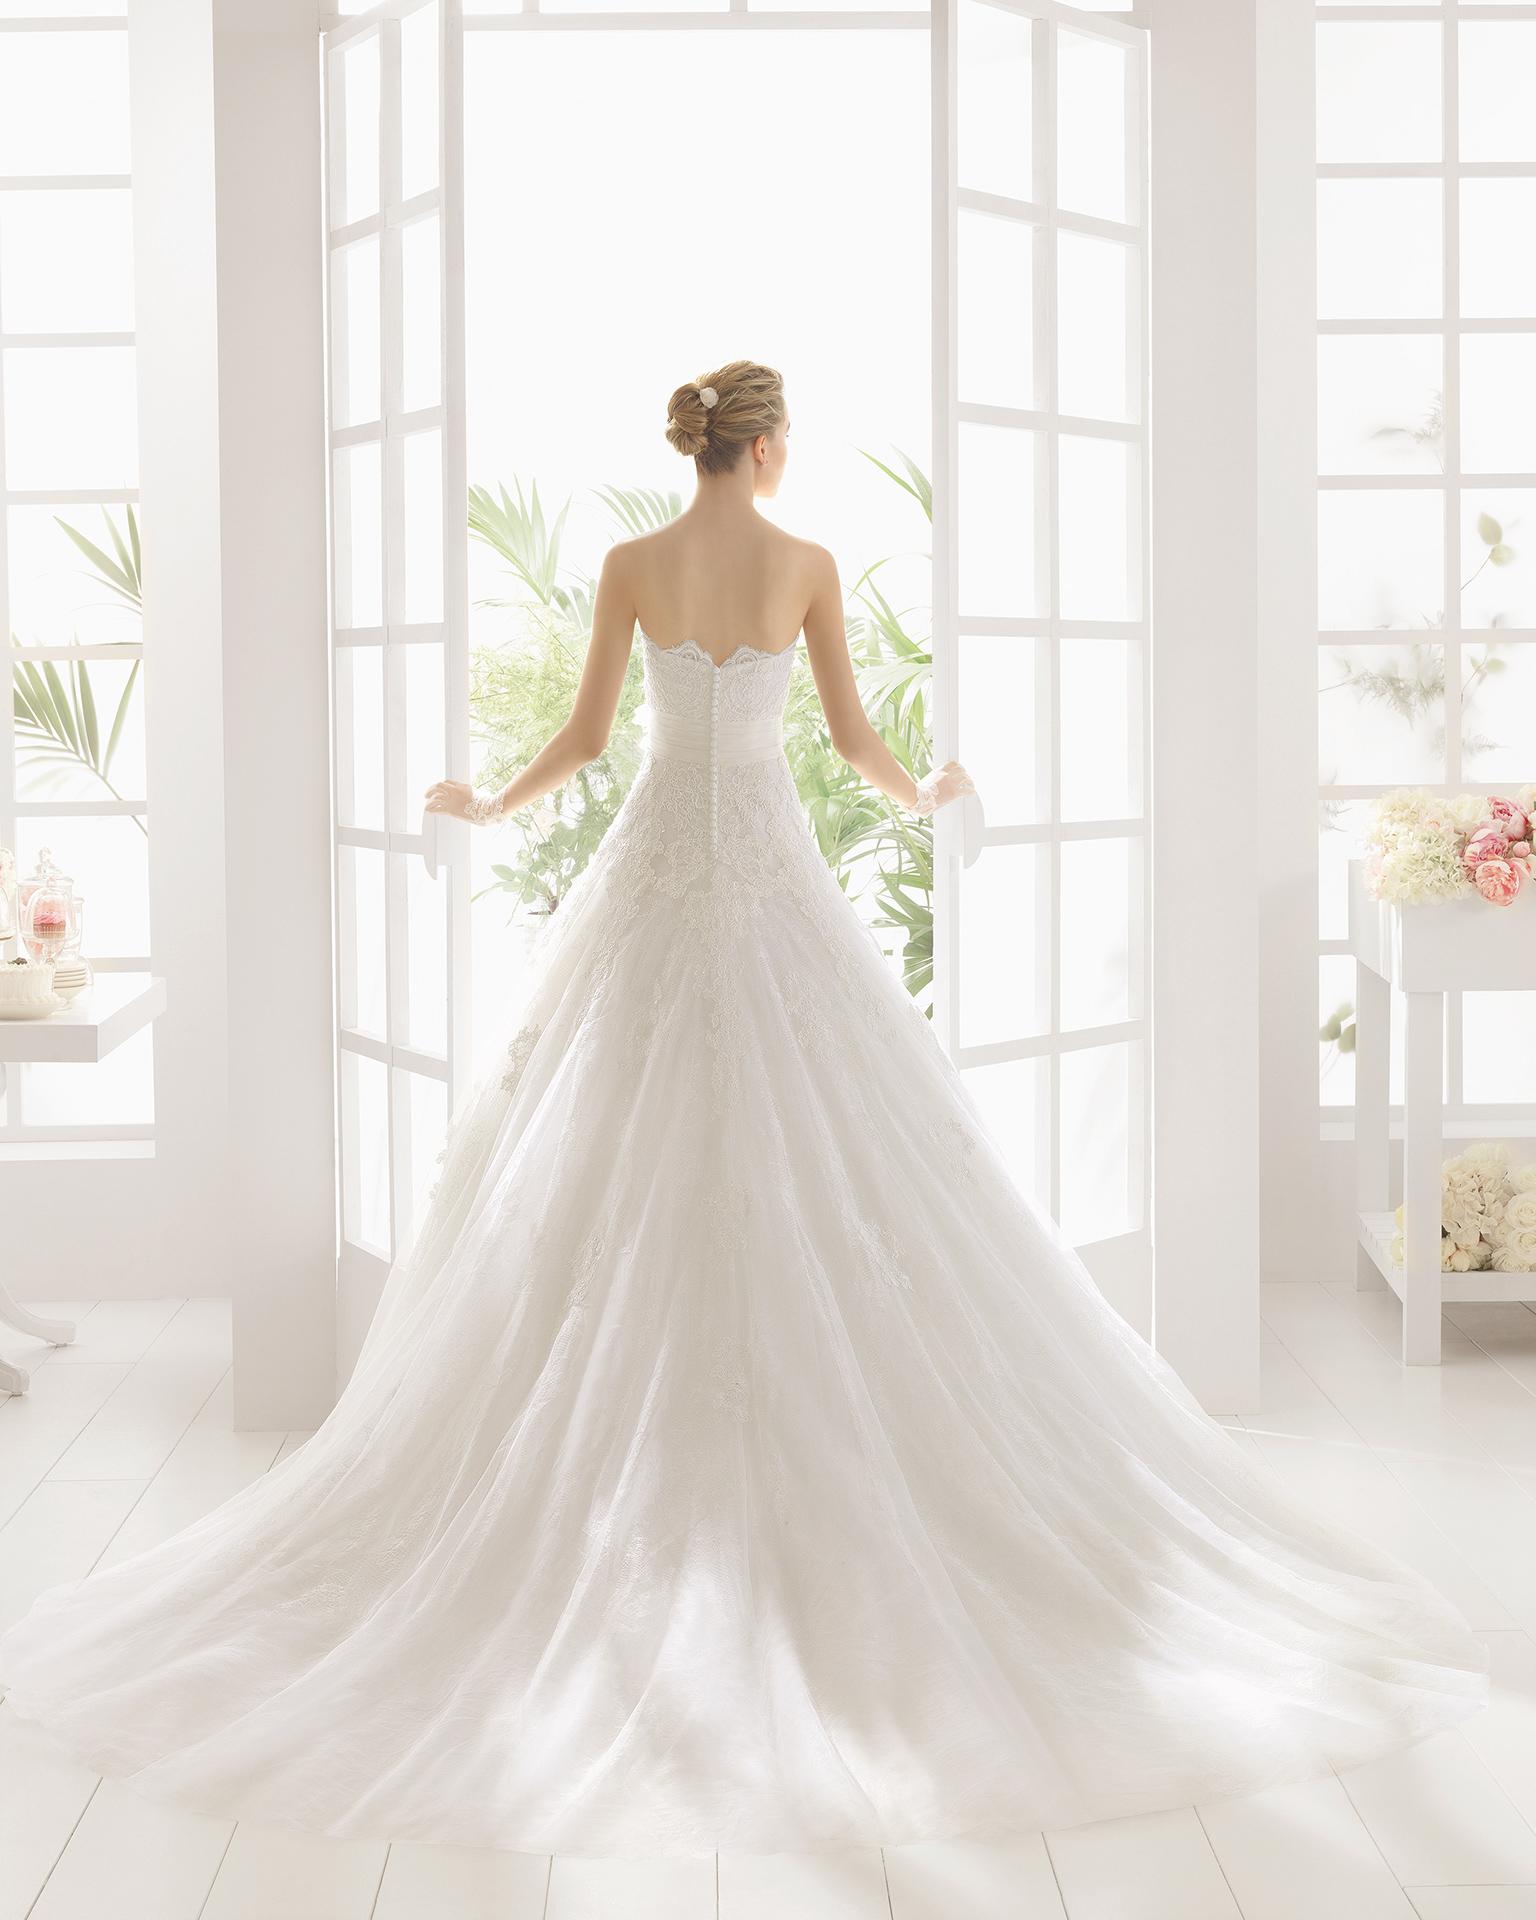 MIREL Hochzeitskleid aus Strass besetzter Spitze.